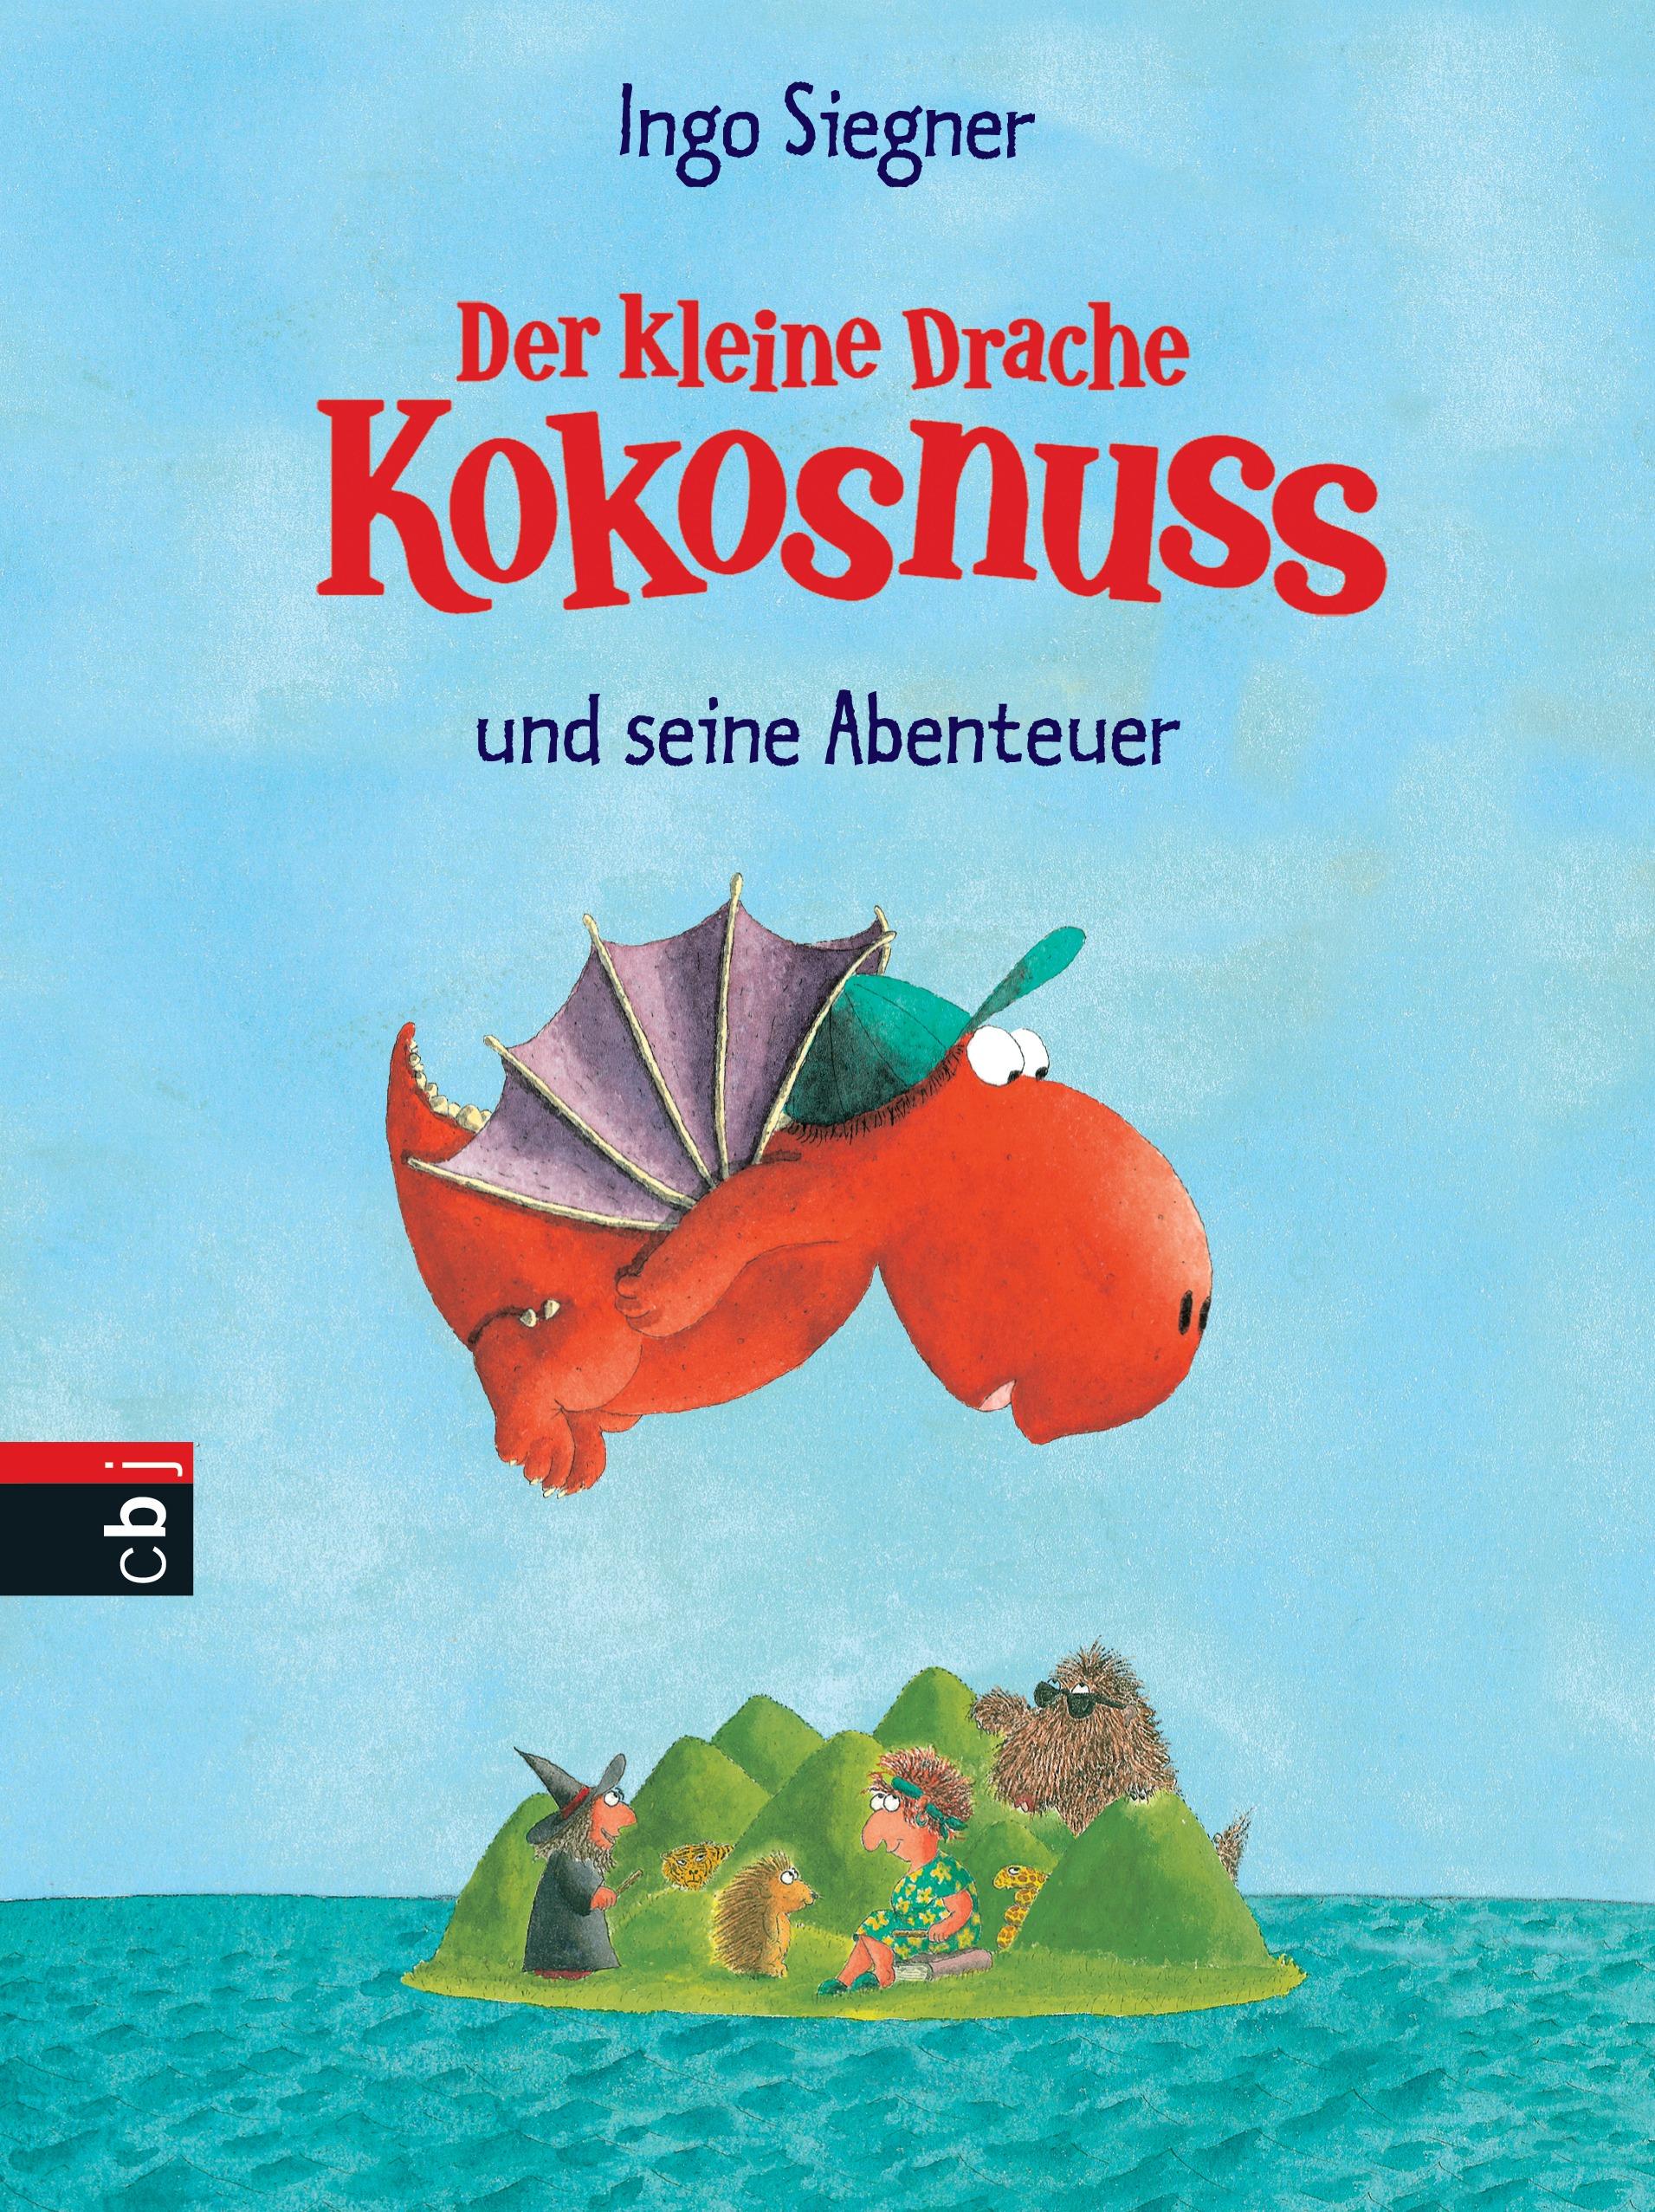 Der kleine Drache Kokosnuss und seine Abenteuer - Ingo Siegner [Gebundene Ausgabe]